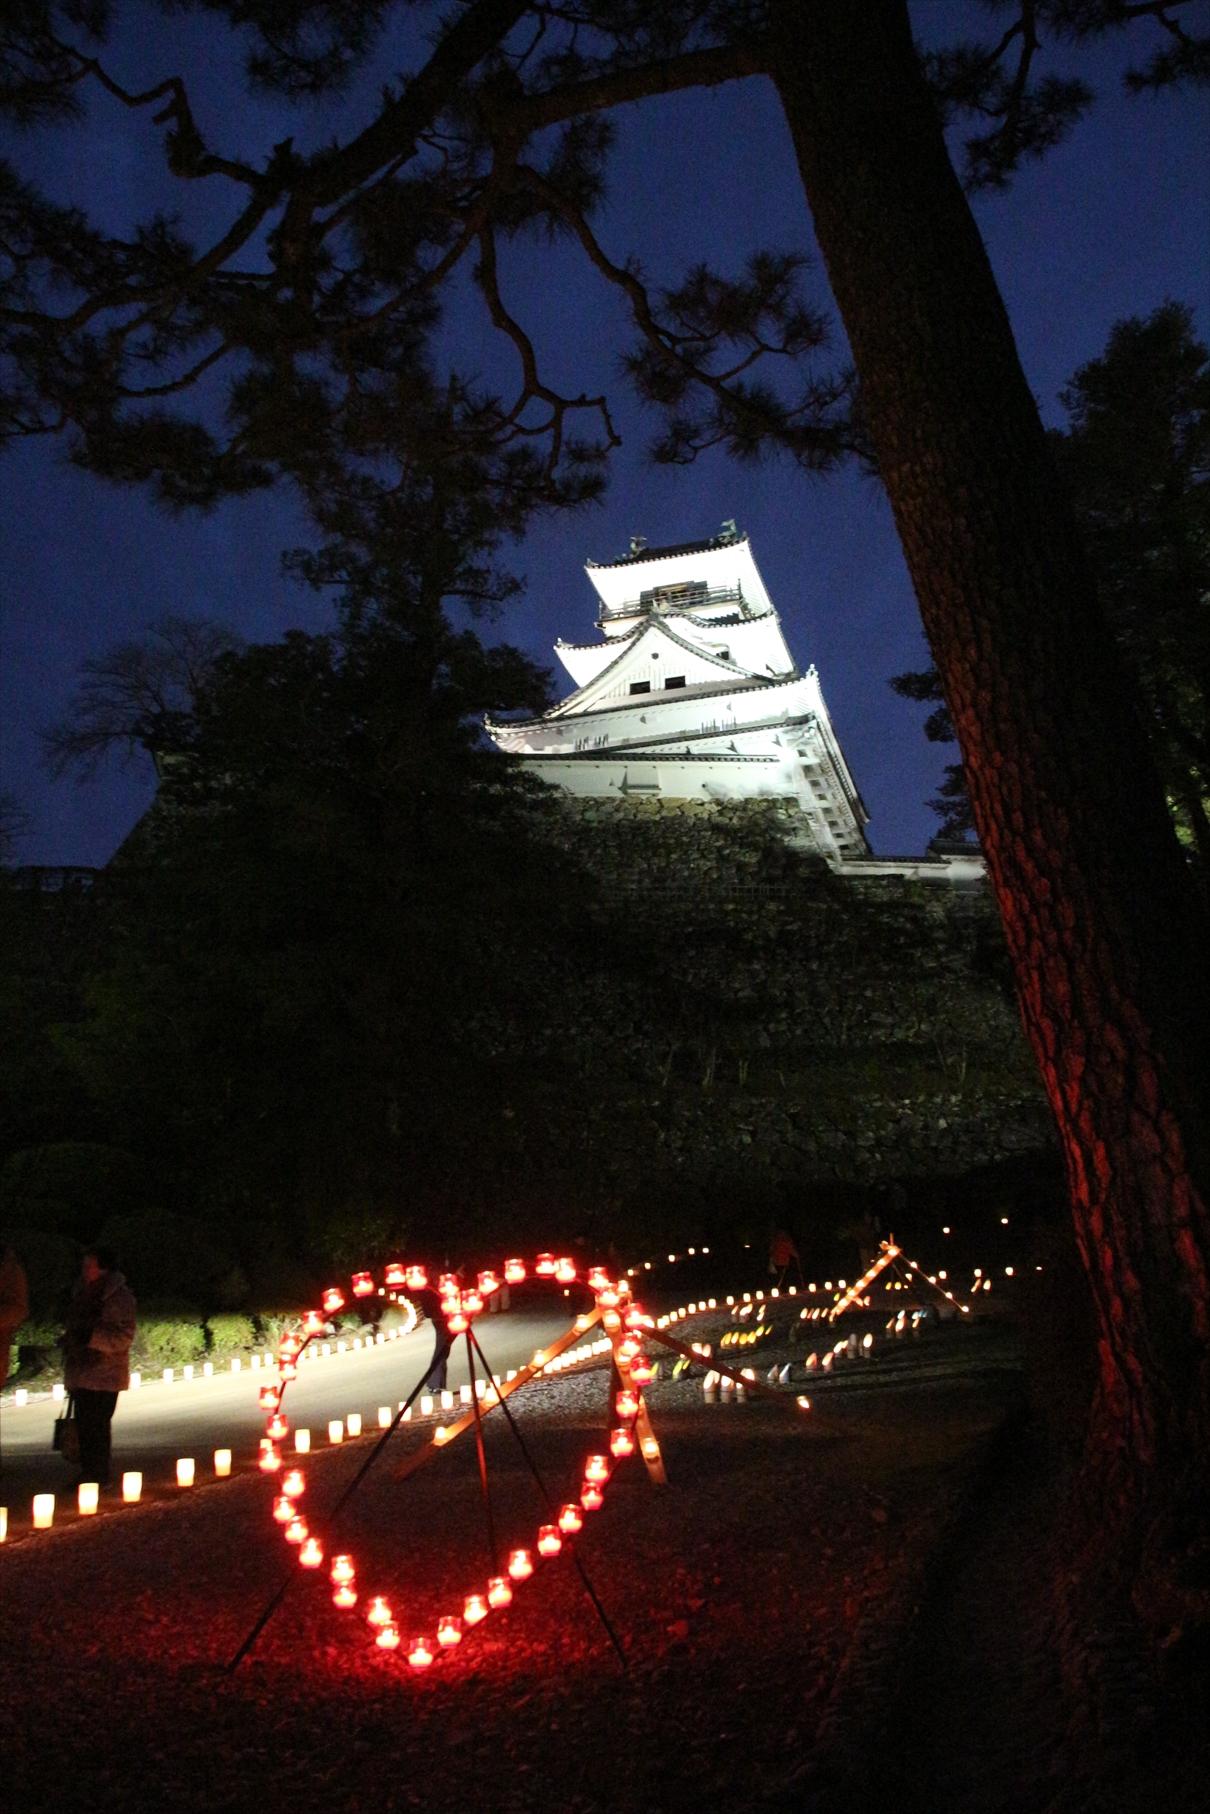 冬の夜のお城まつり 杉ノ段